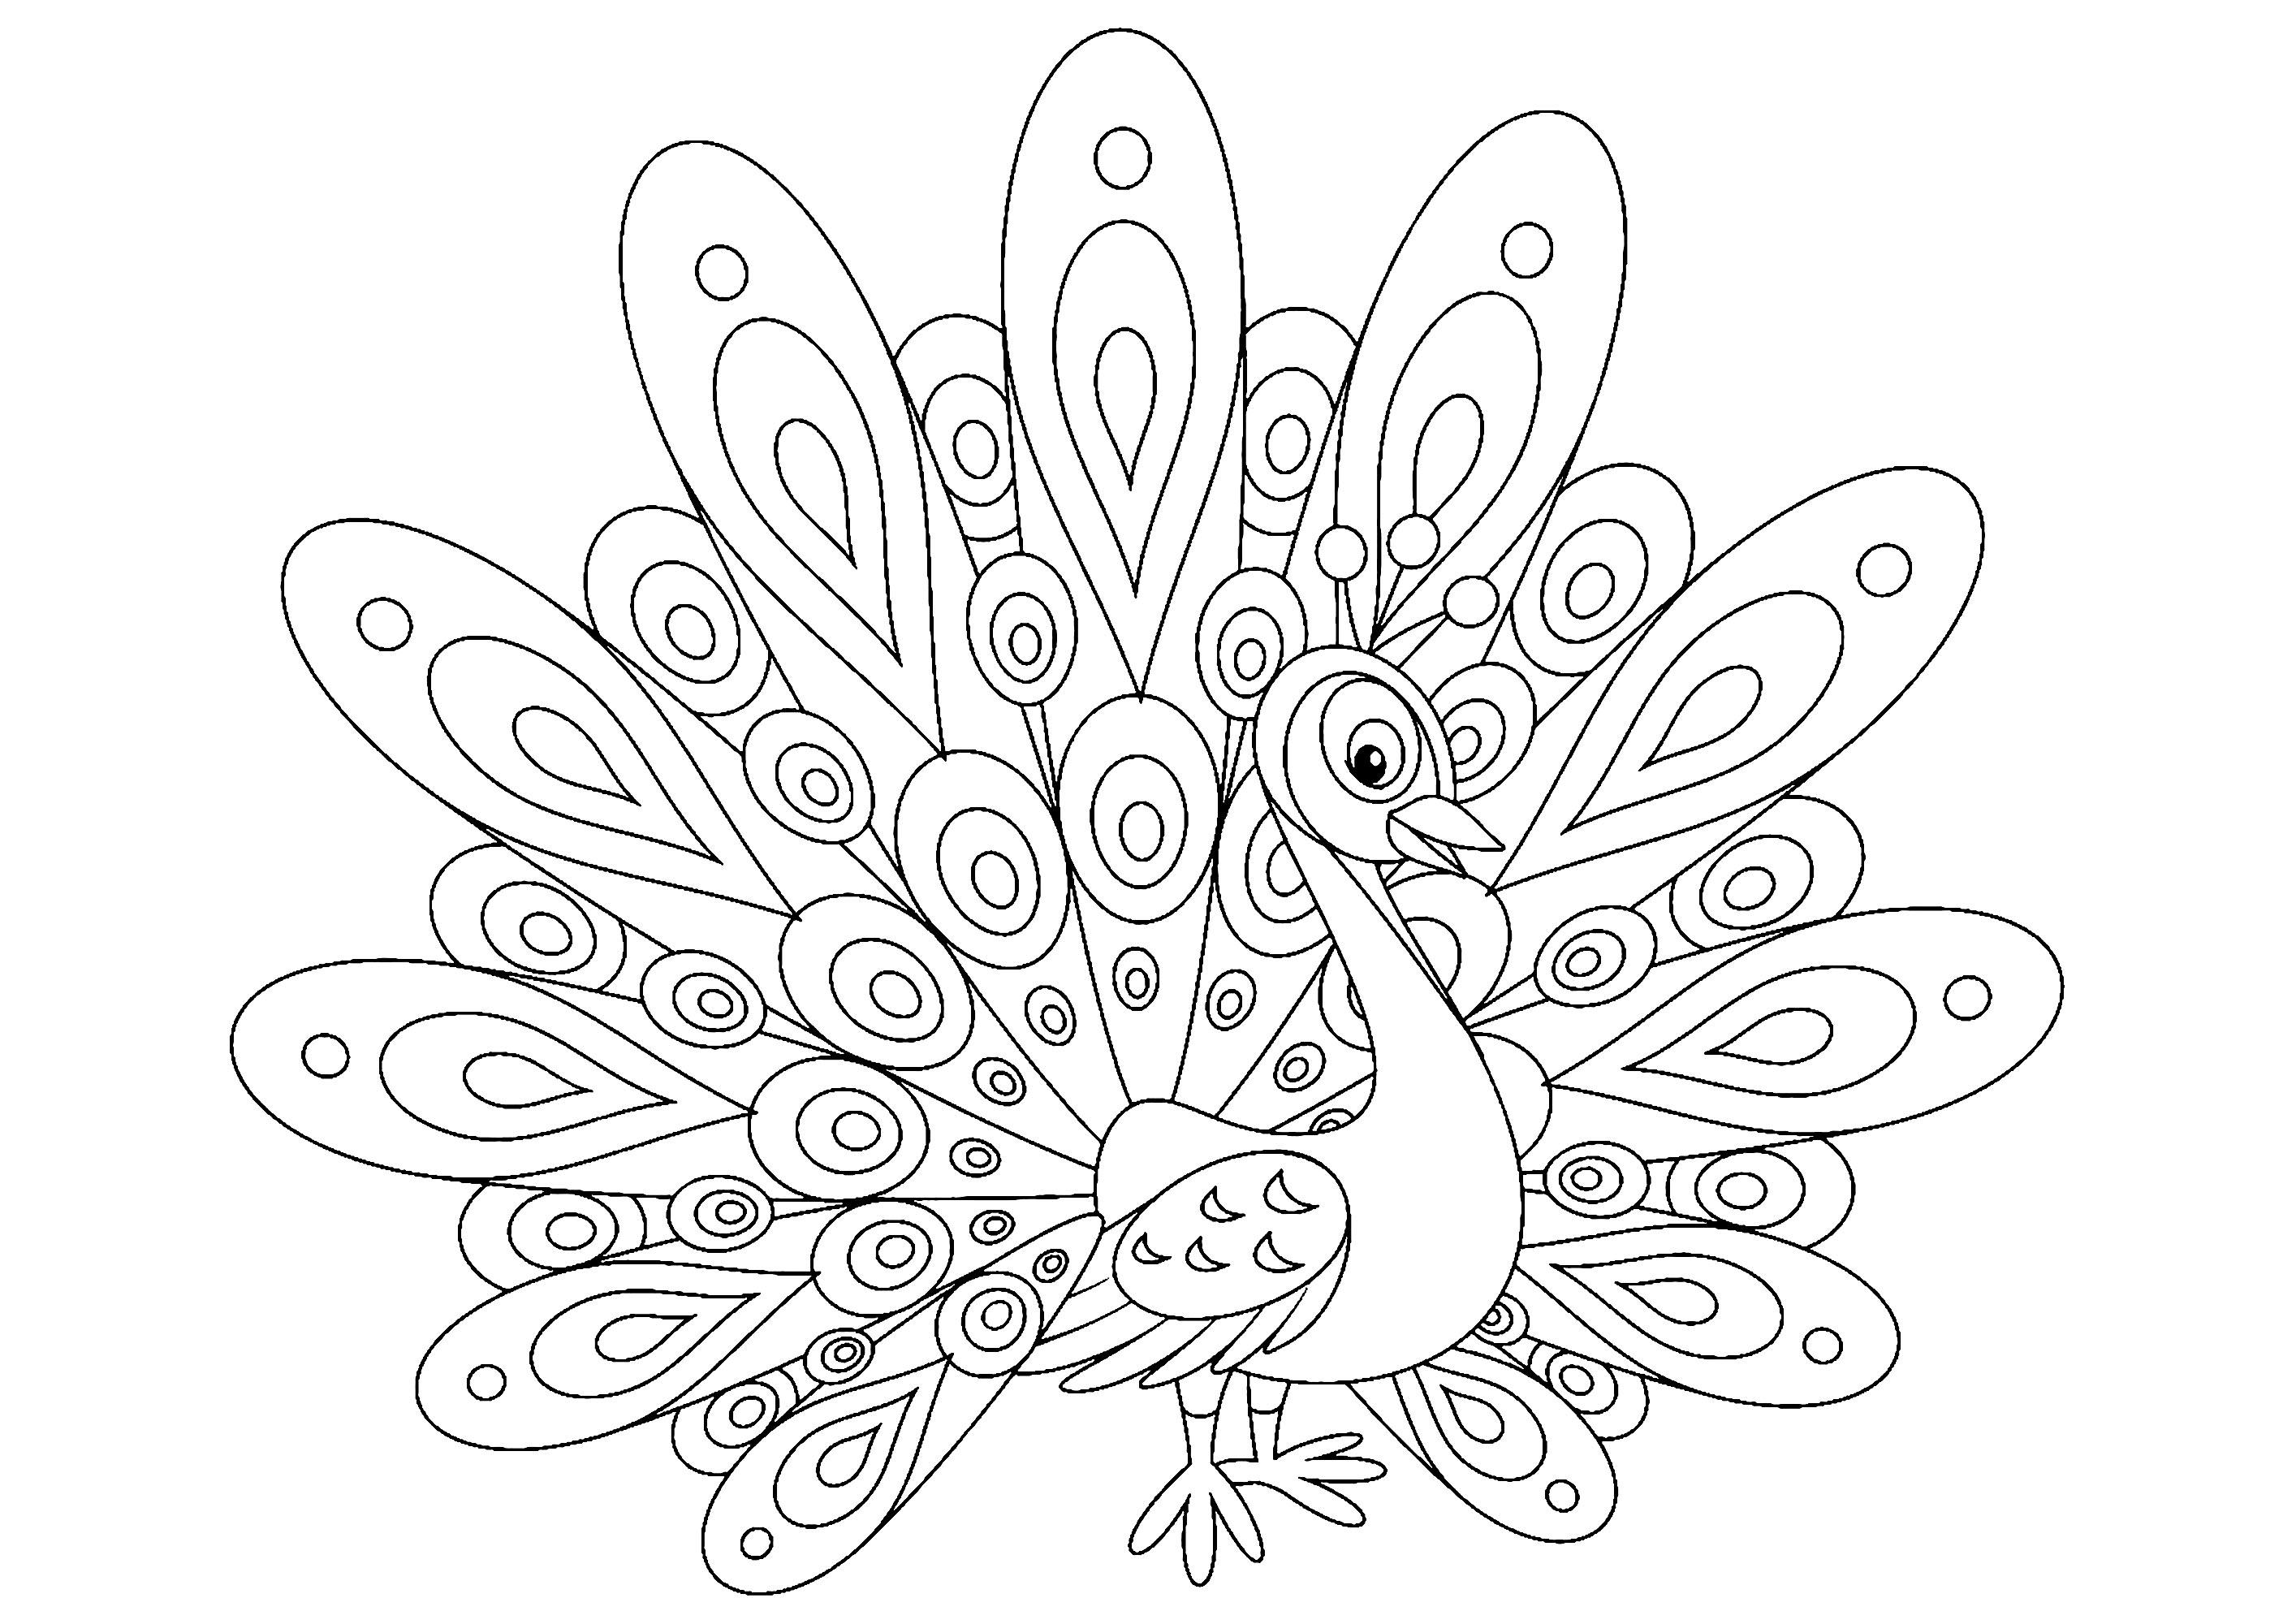 Simple dessin de paon à colorier, au style très enfantin